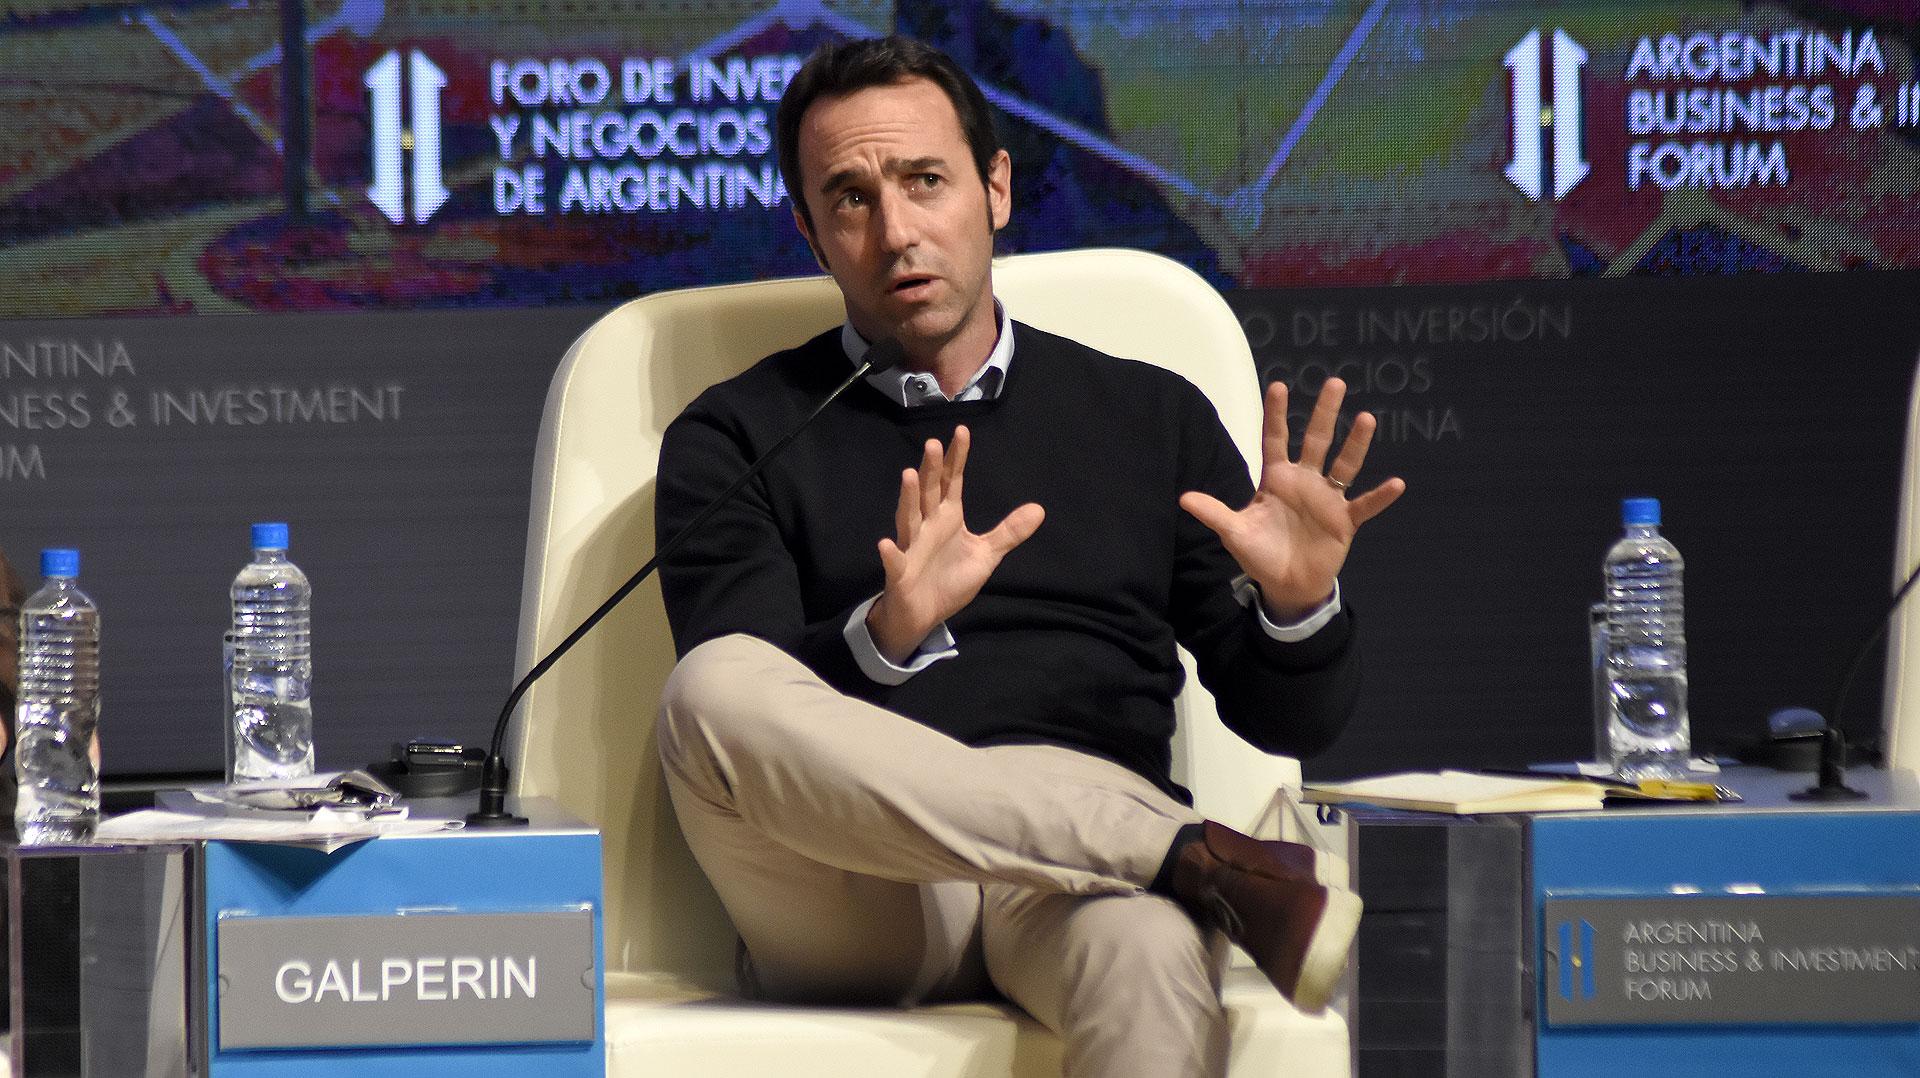 Marcos Galperin, Fundador y Presidente de MercadoLibre